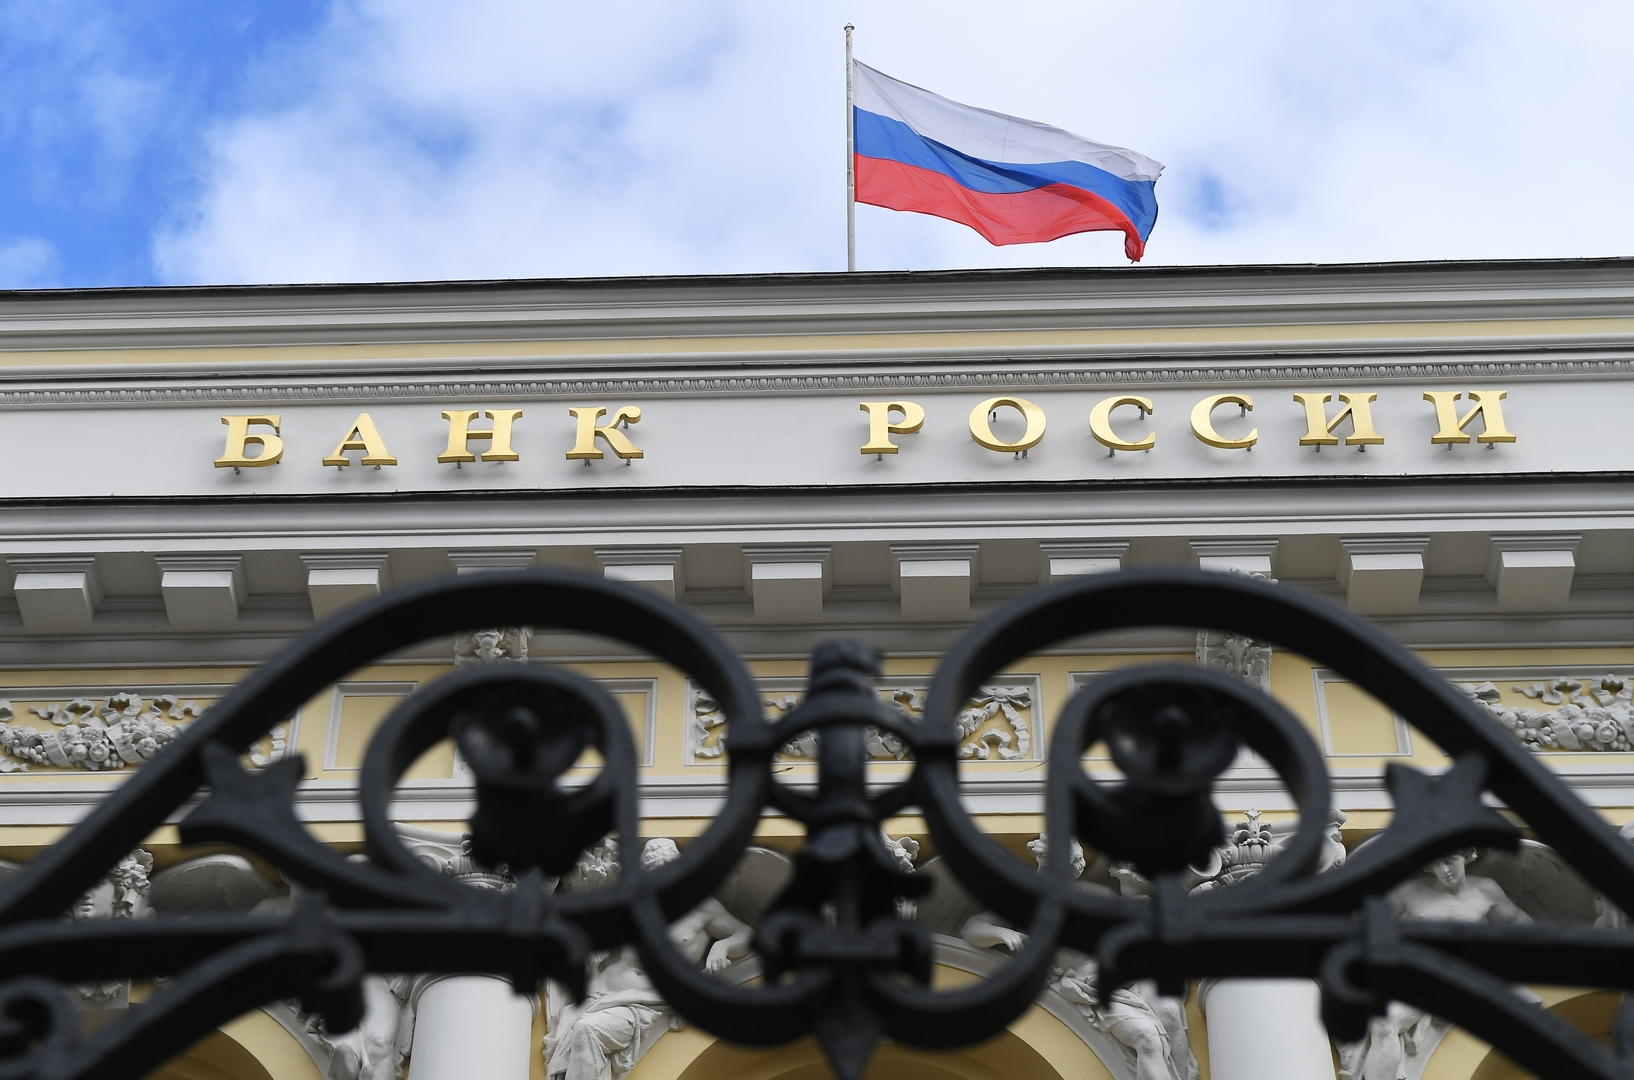 المركزي الروسي يحافظ على سعر الفائدة الرئيسي عند 4.25%